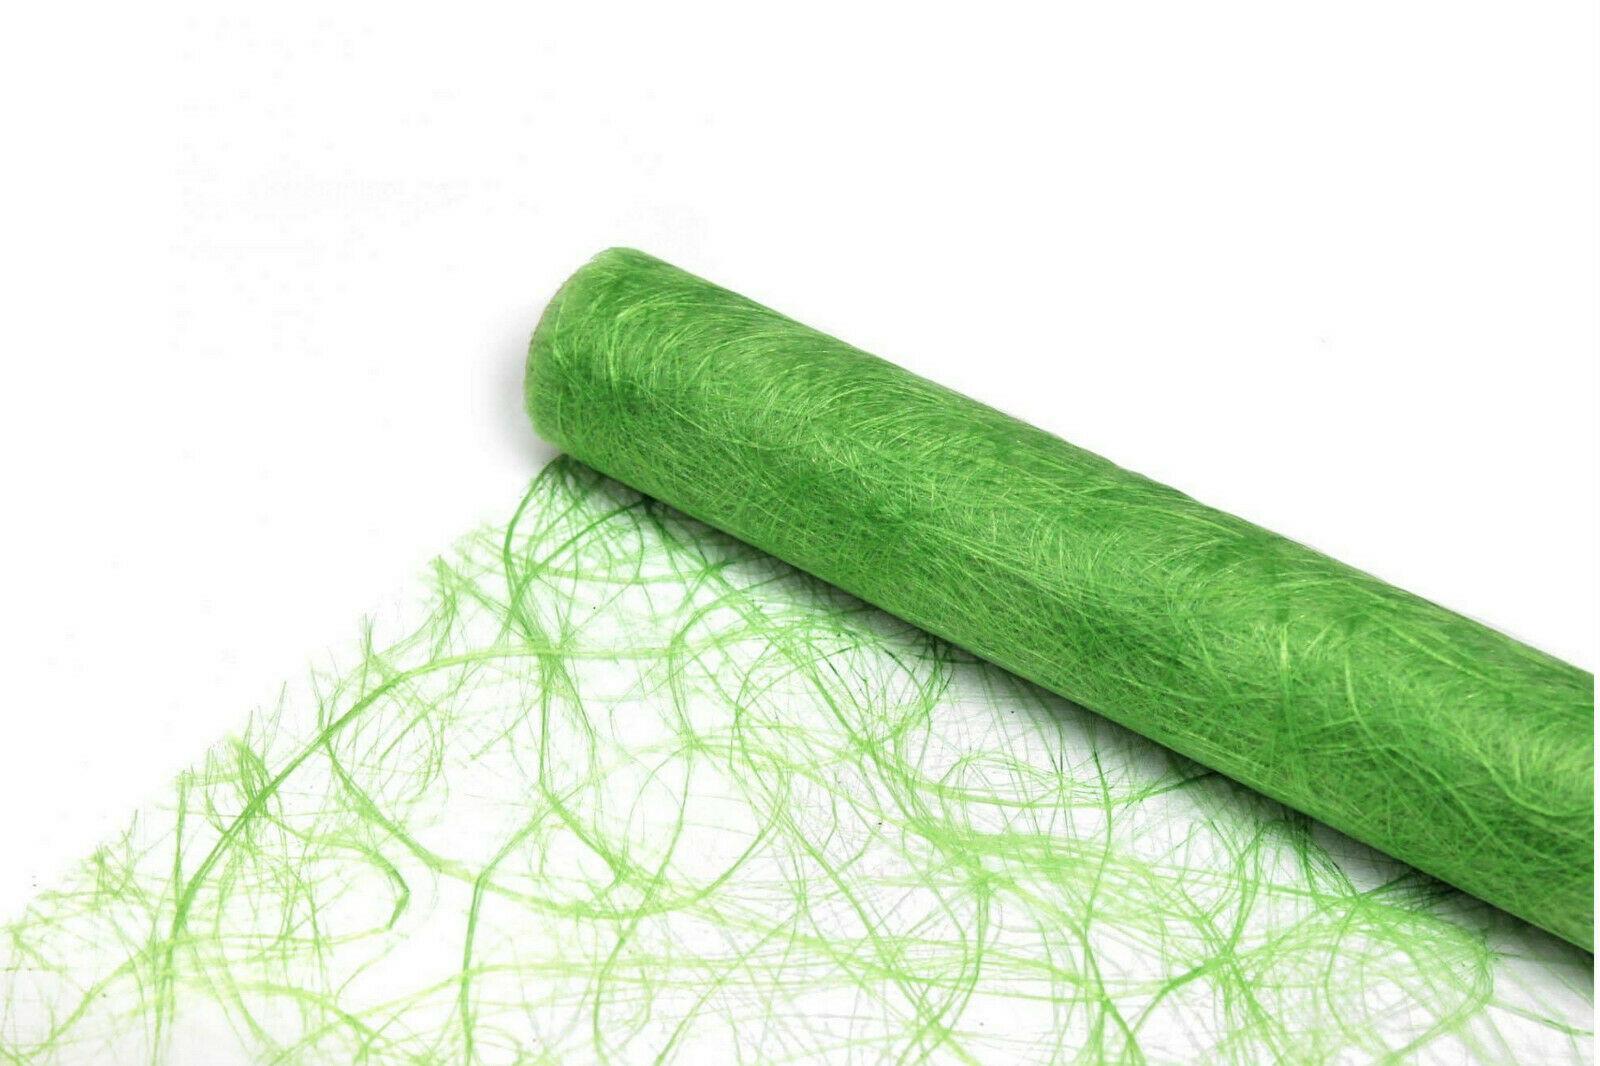 Sizoweb Tischband 25m x 30cm (0,99 - 1,14 €/m) Tischläufer Dekoration Tisch-Deko - Hellgrün (Lime Green) 6090